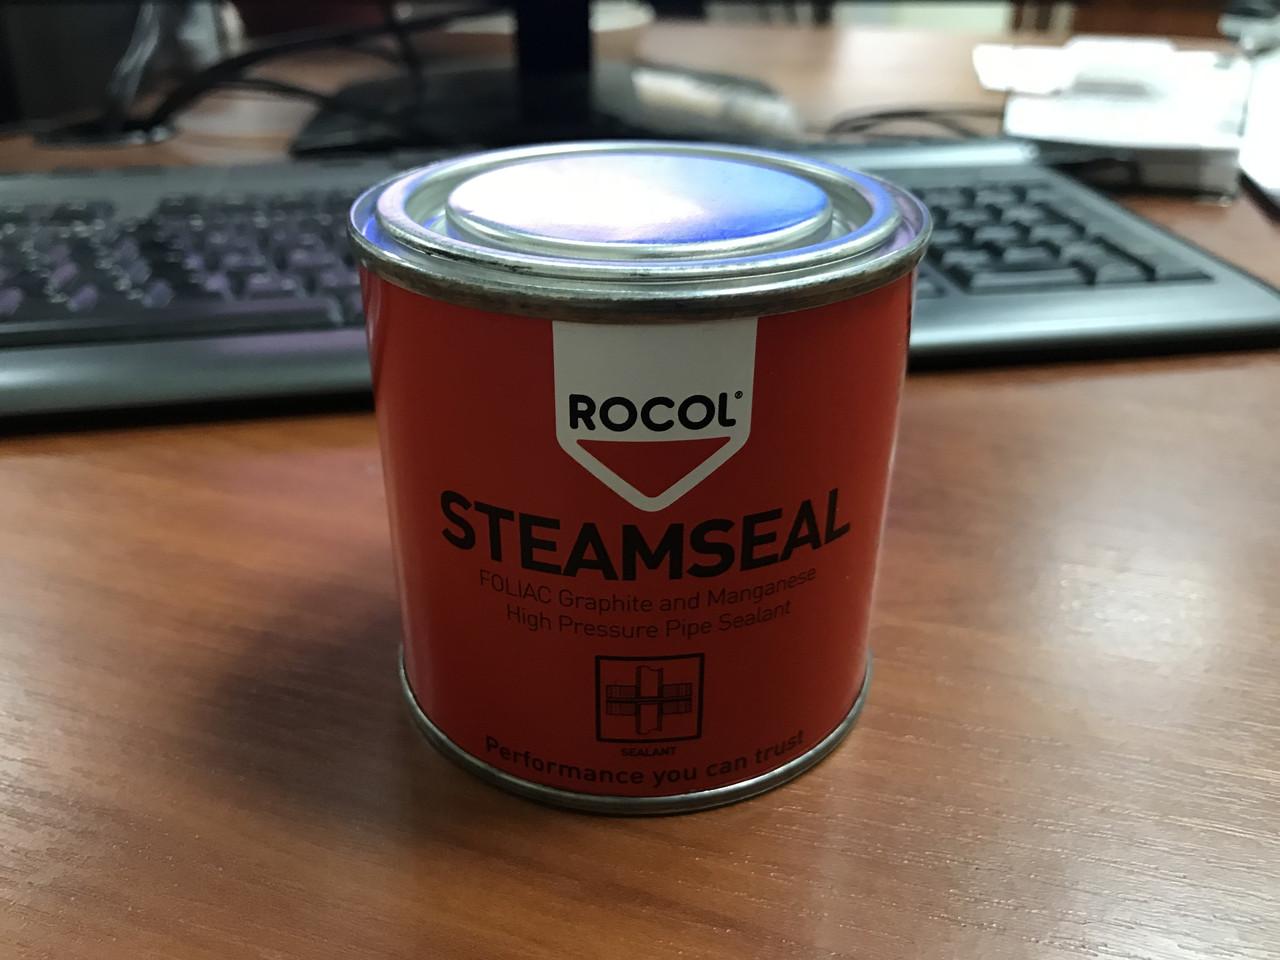 Steamseal (ущільнювальна паста, герметик-прокладання 600 оС, 19 МПа)